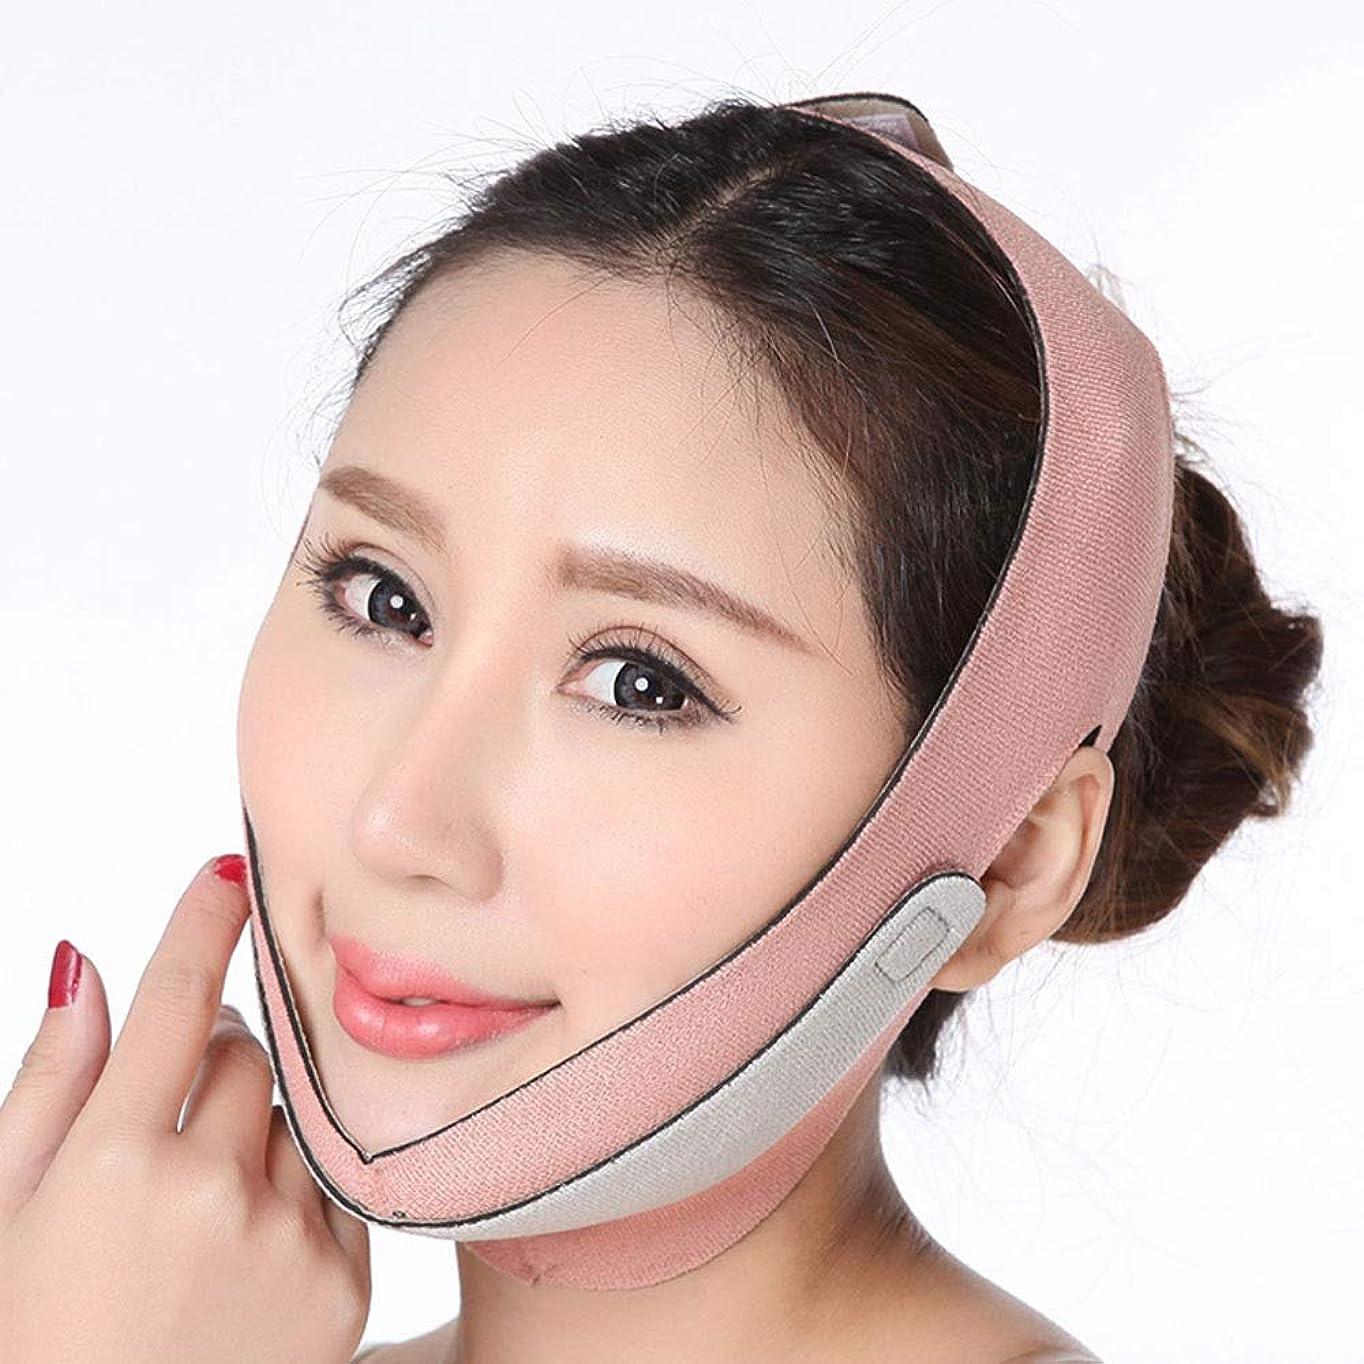 失敗一口利得Jia Jia- シンフェイス包帯シンフェイスマスクフェイスリフトアーティファクトレイズVフェイスシンフェイスフェイスリフティング美容マスク小フェイス包帯 顔面包帯 (色 : A)